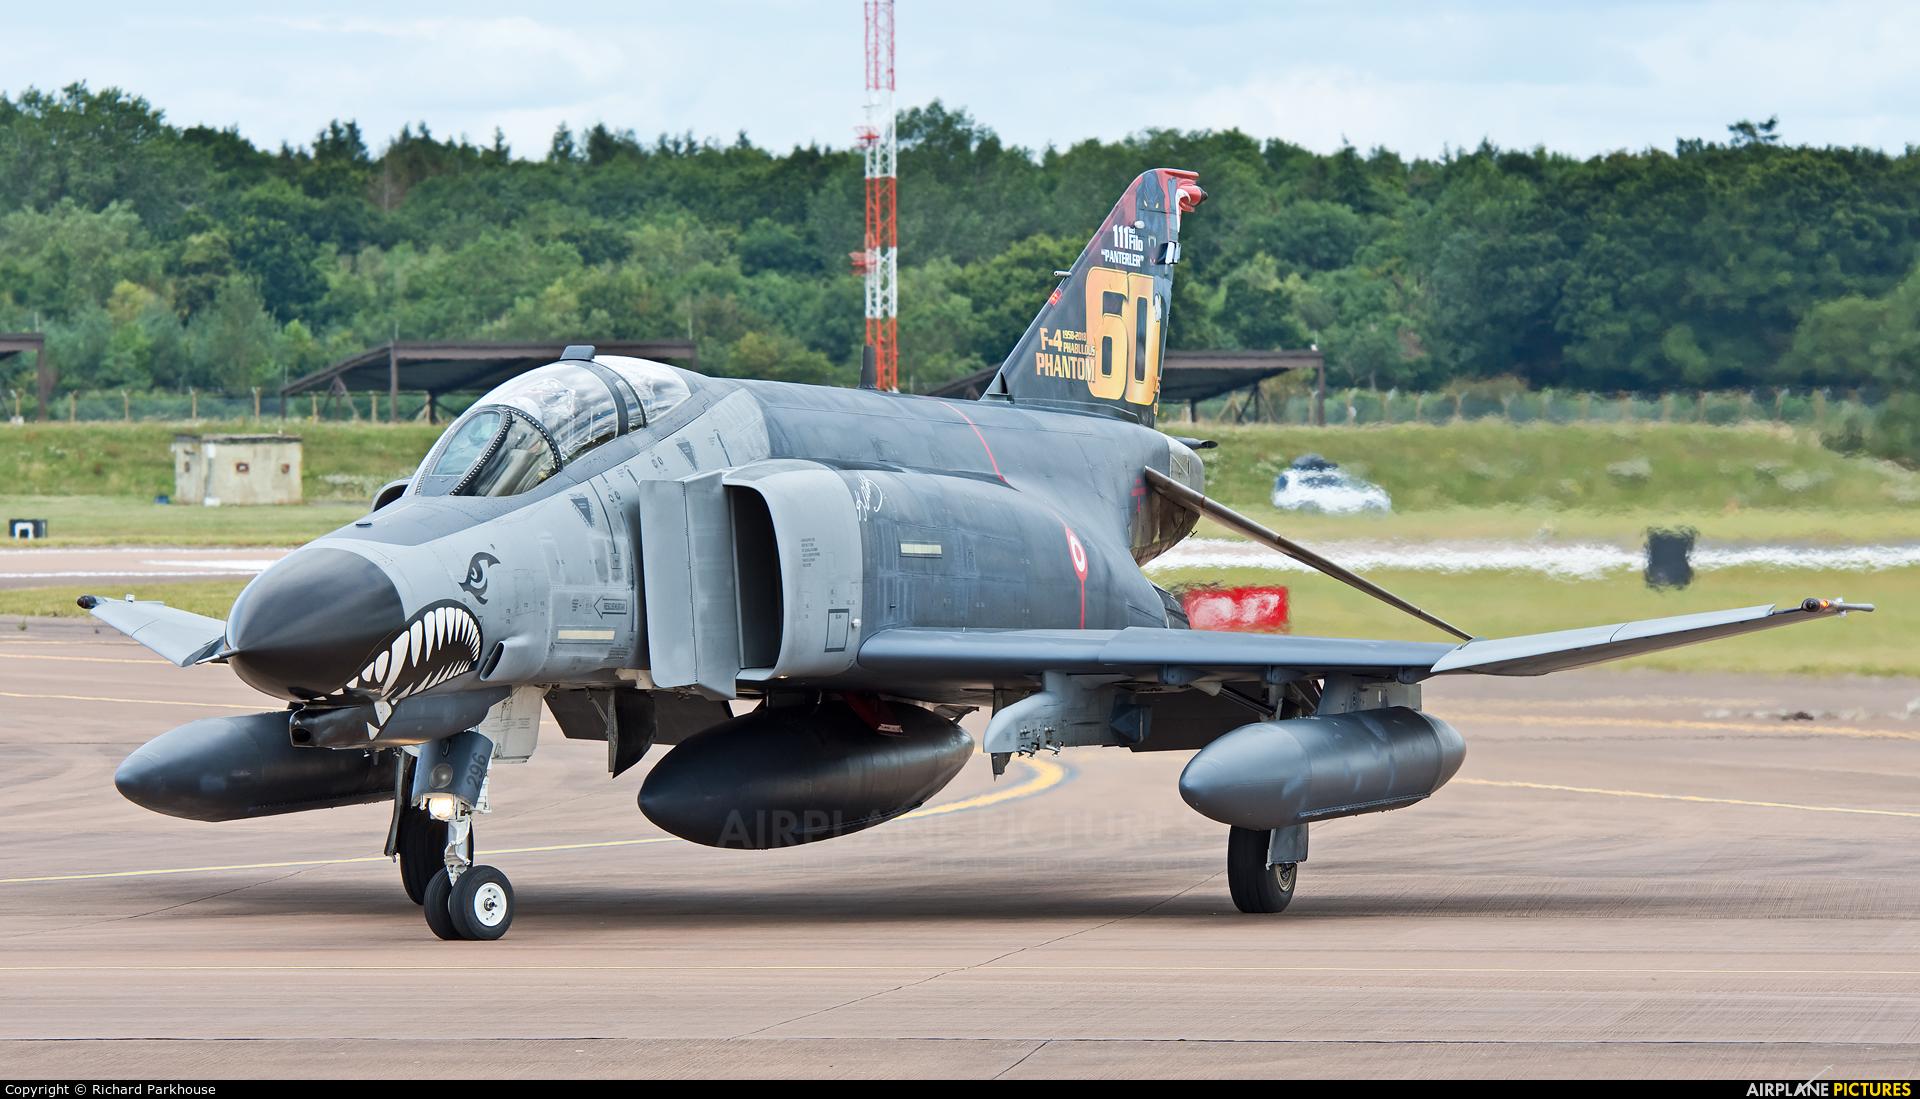 Turkey - Air Force 77-0296 aircraft at Fairford